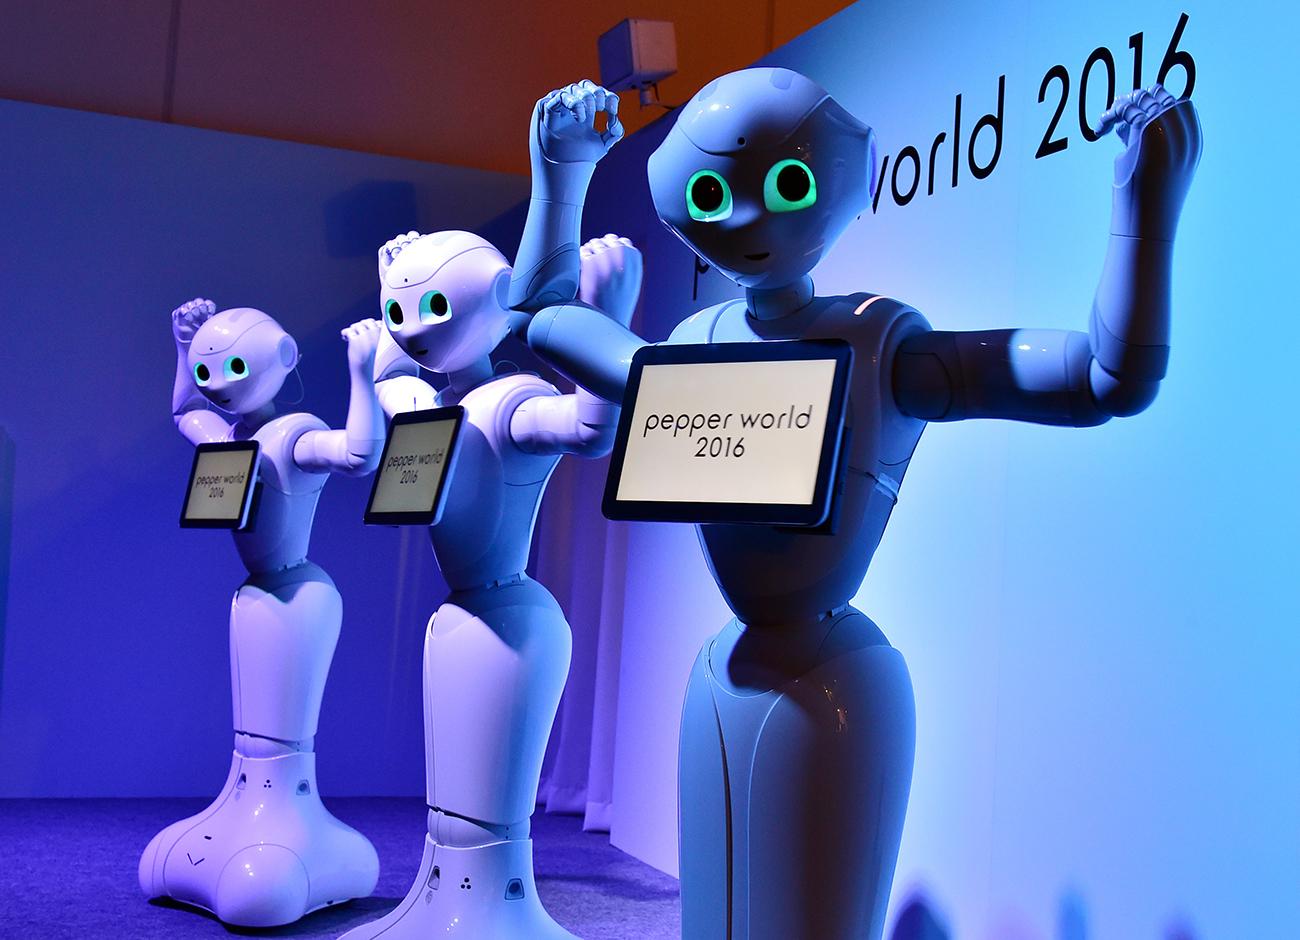 Les robots intelligents arrivent, menaçant des millions d'emplois